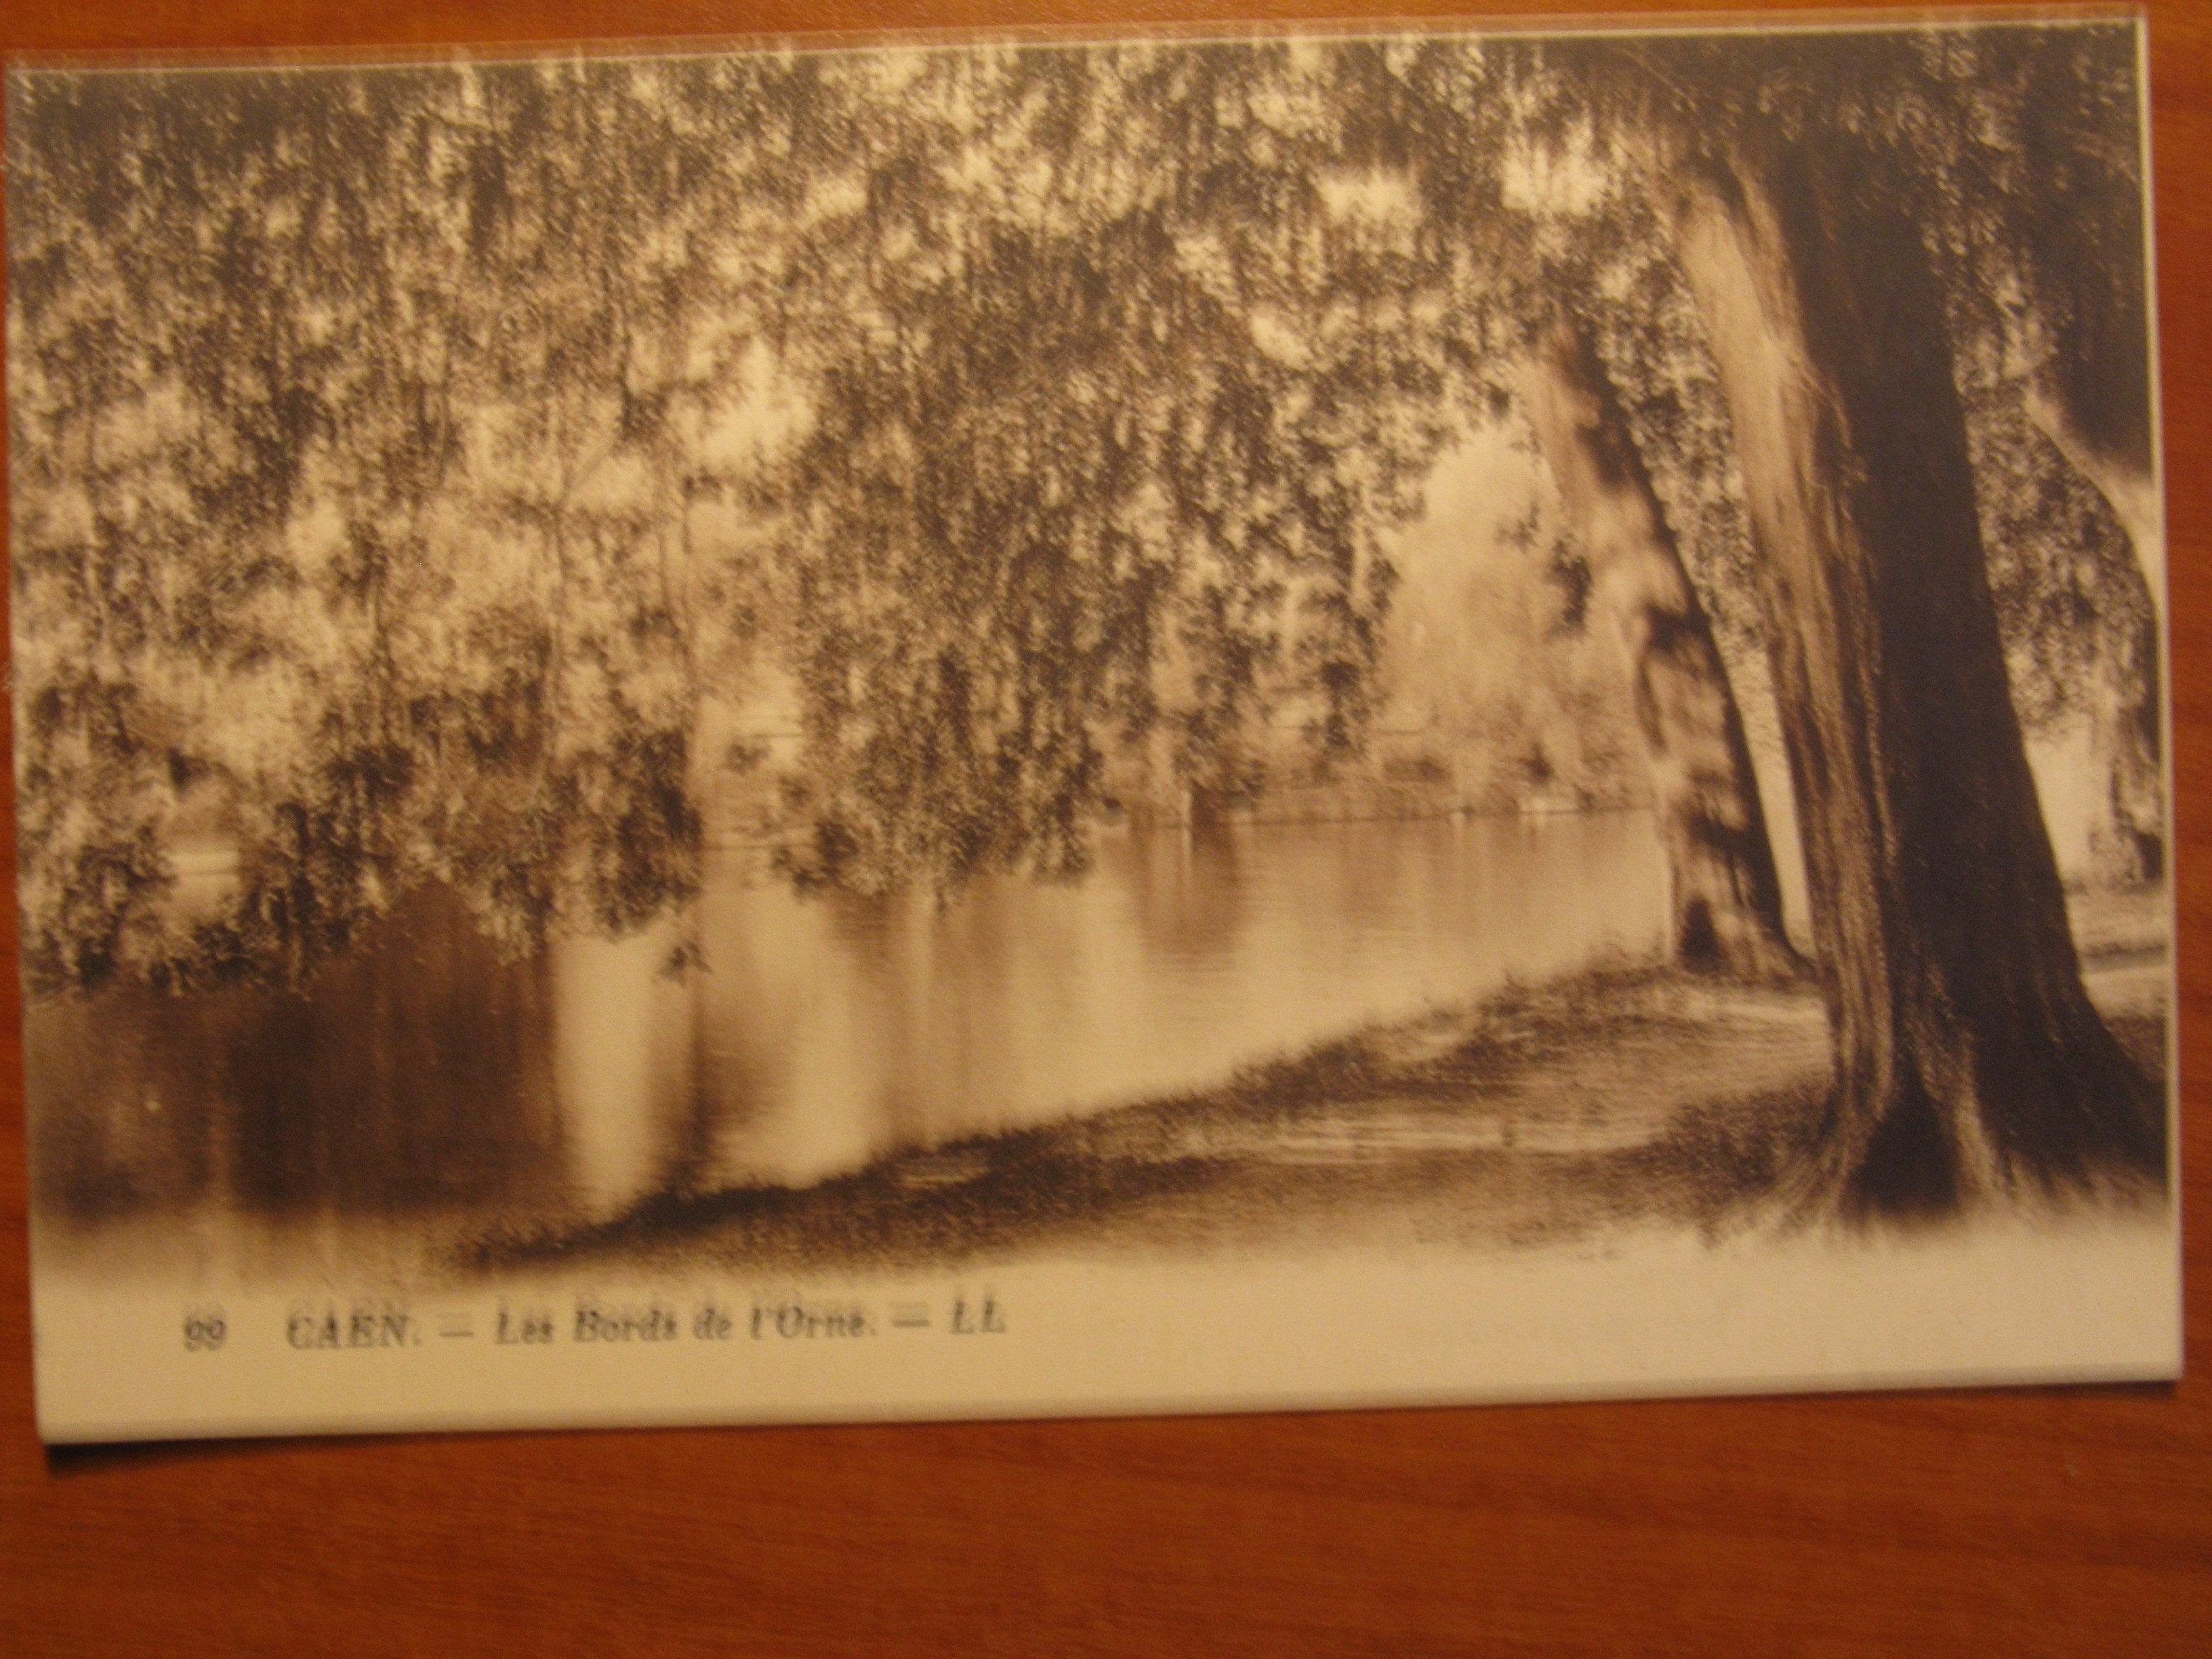 Caen carte postale